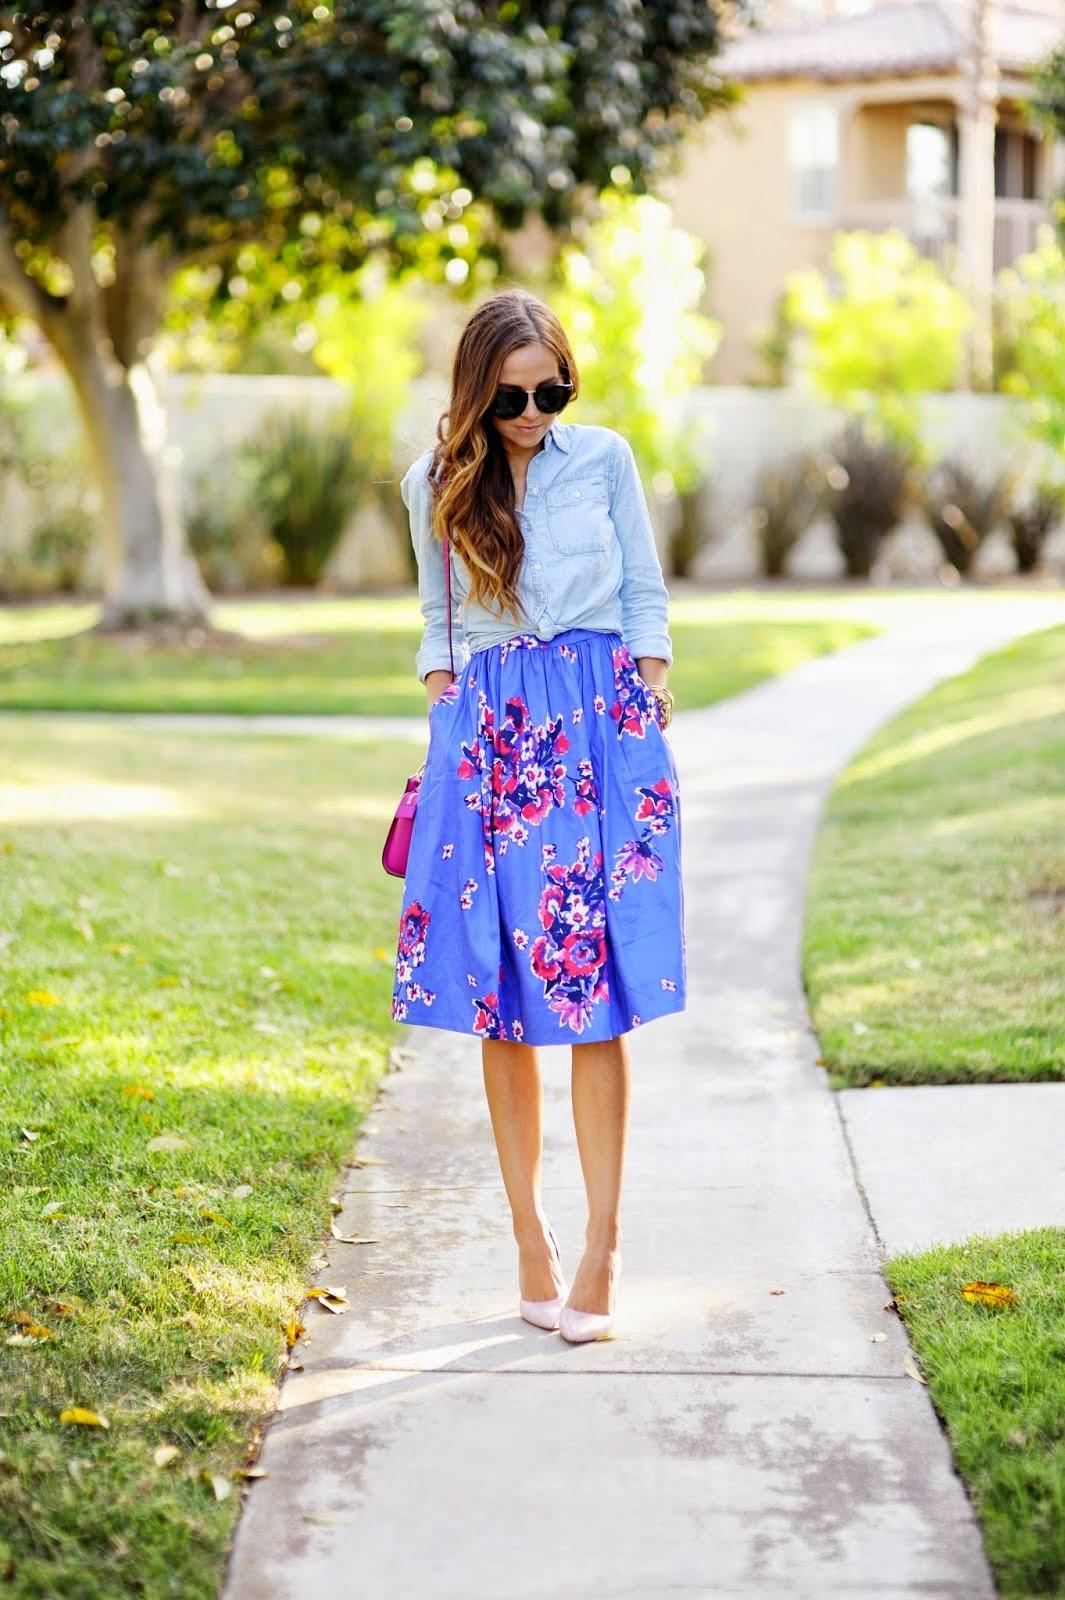 moda feminina, roupas da moda, vestido floral, camisa jeans, bolsa rosa e salto